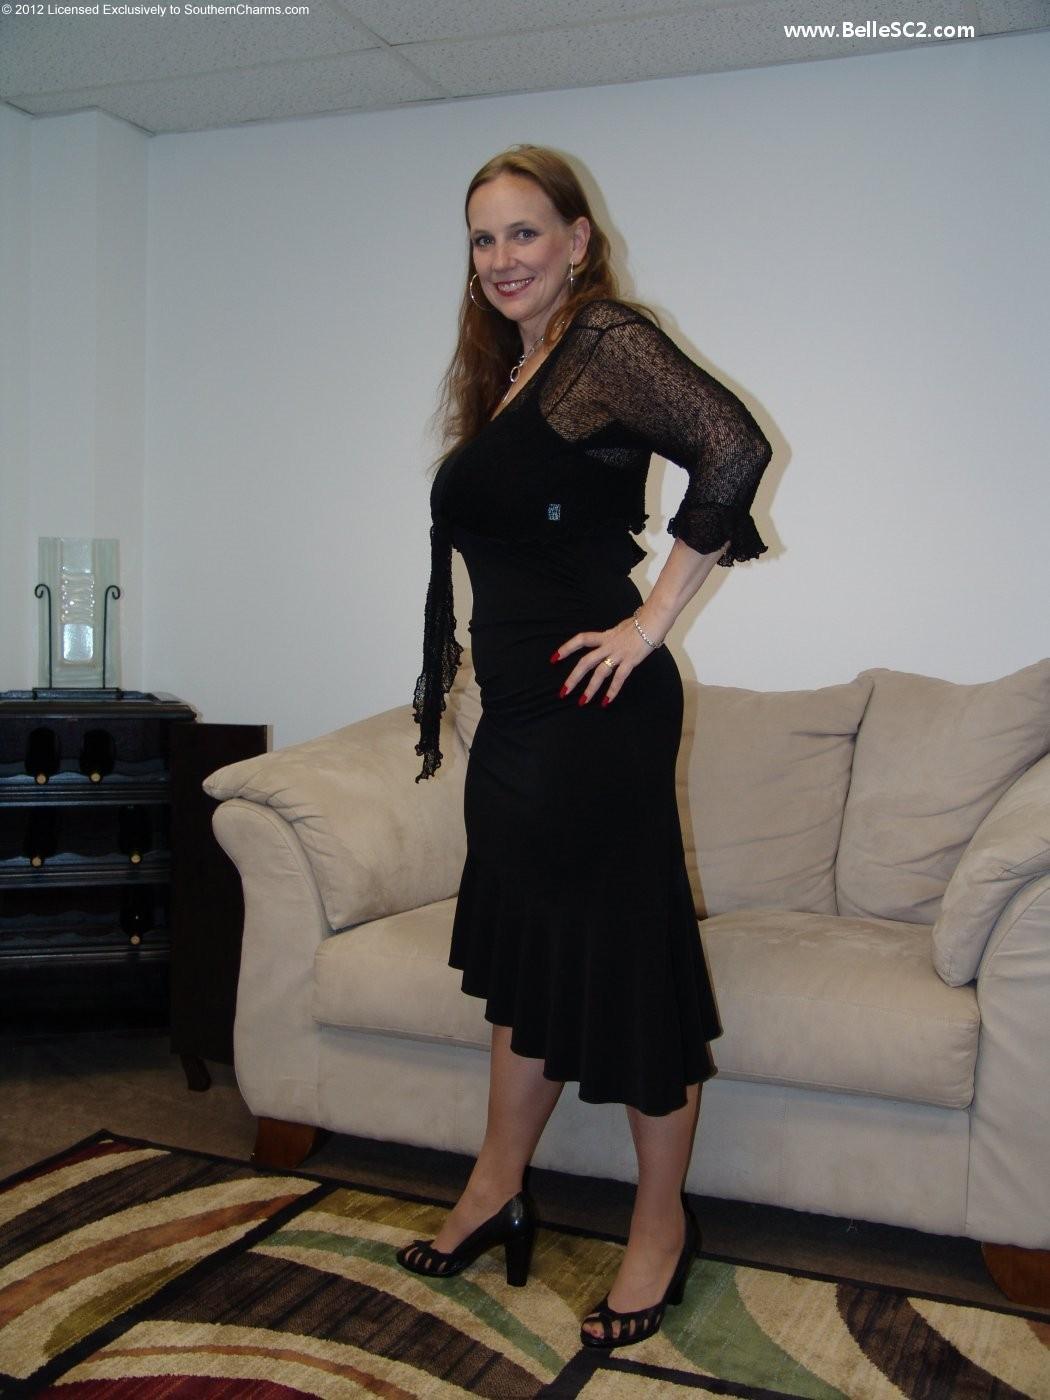 cherche femme paris Narbonne